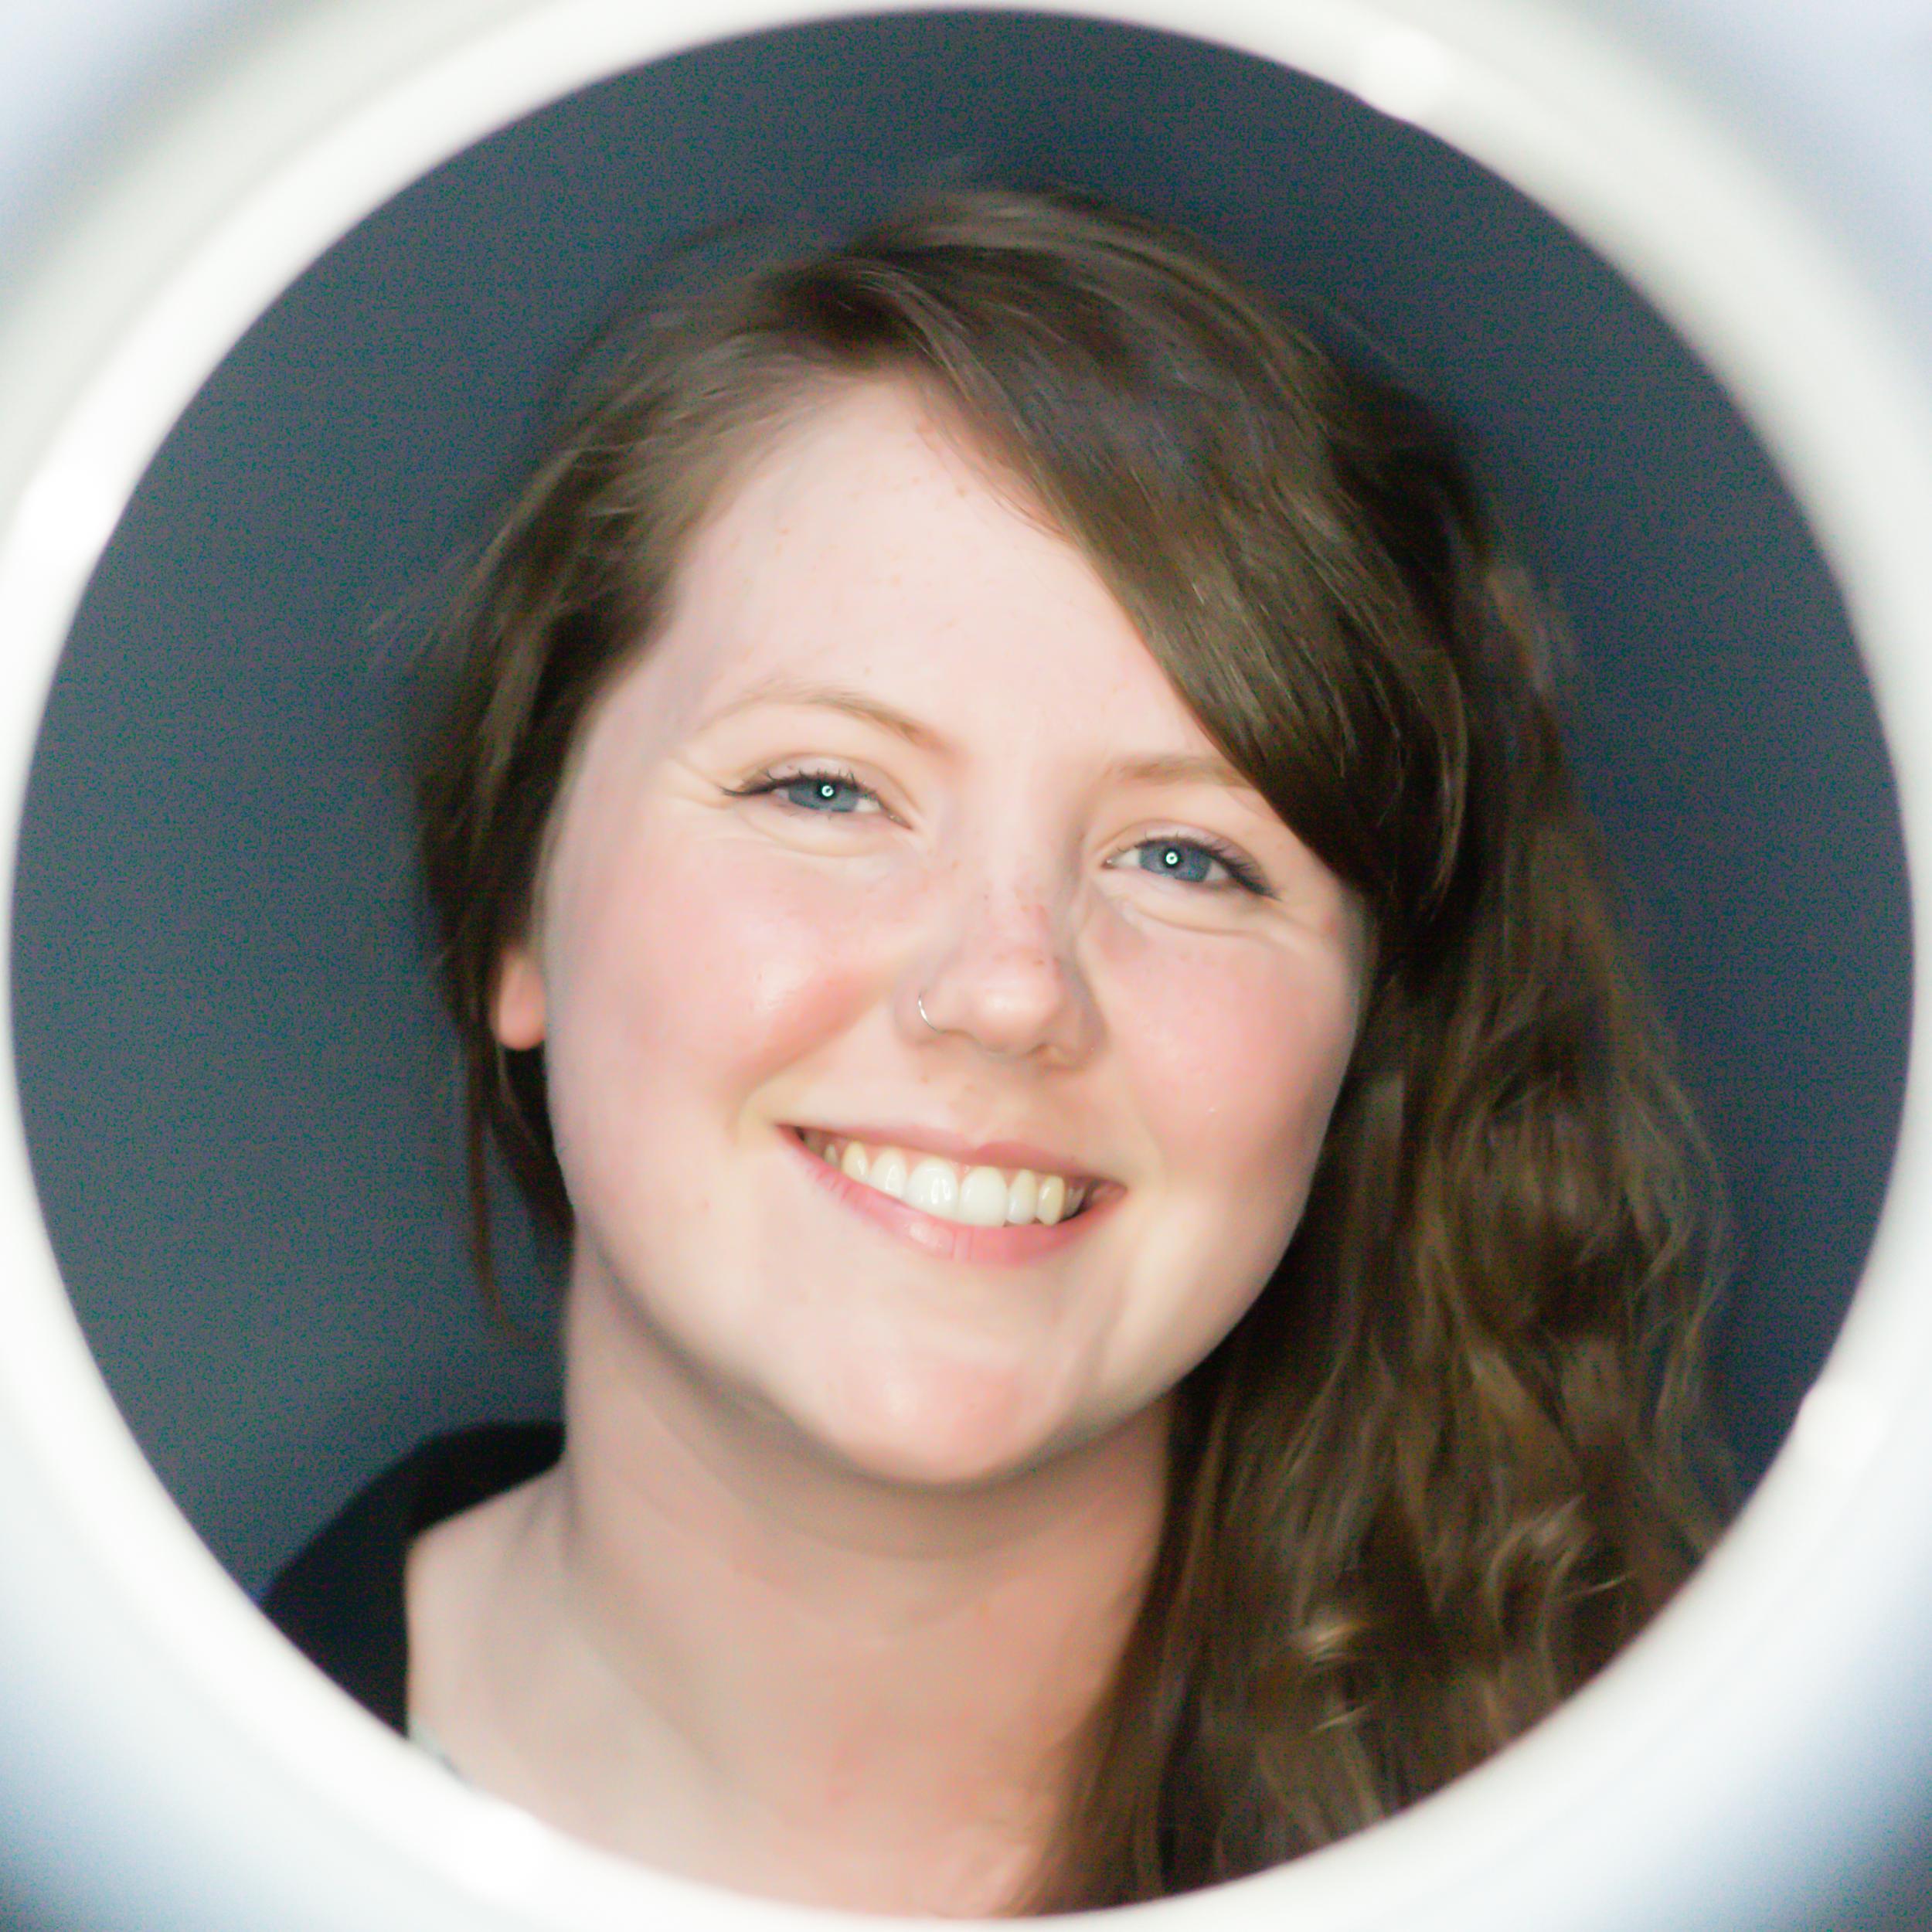 Amy Dunnachie